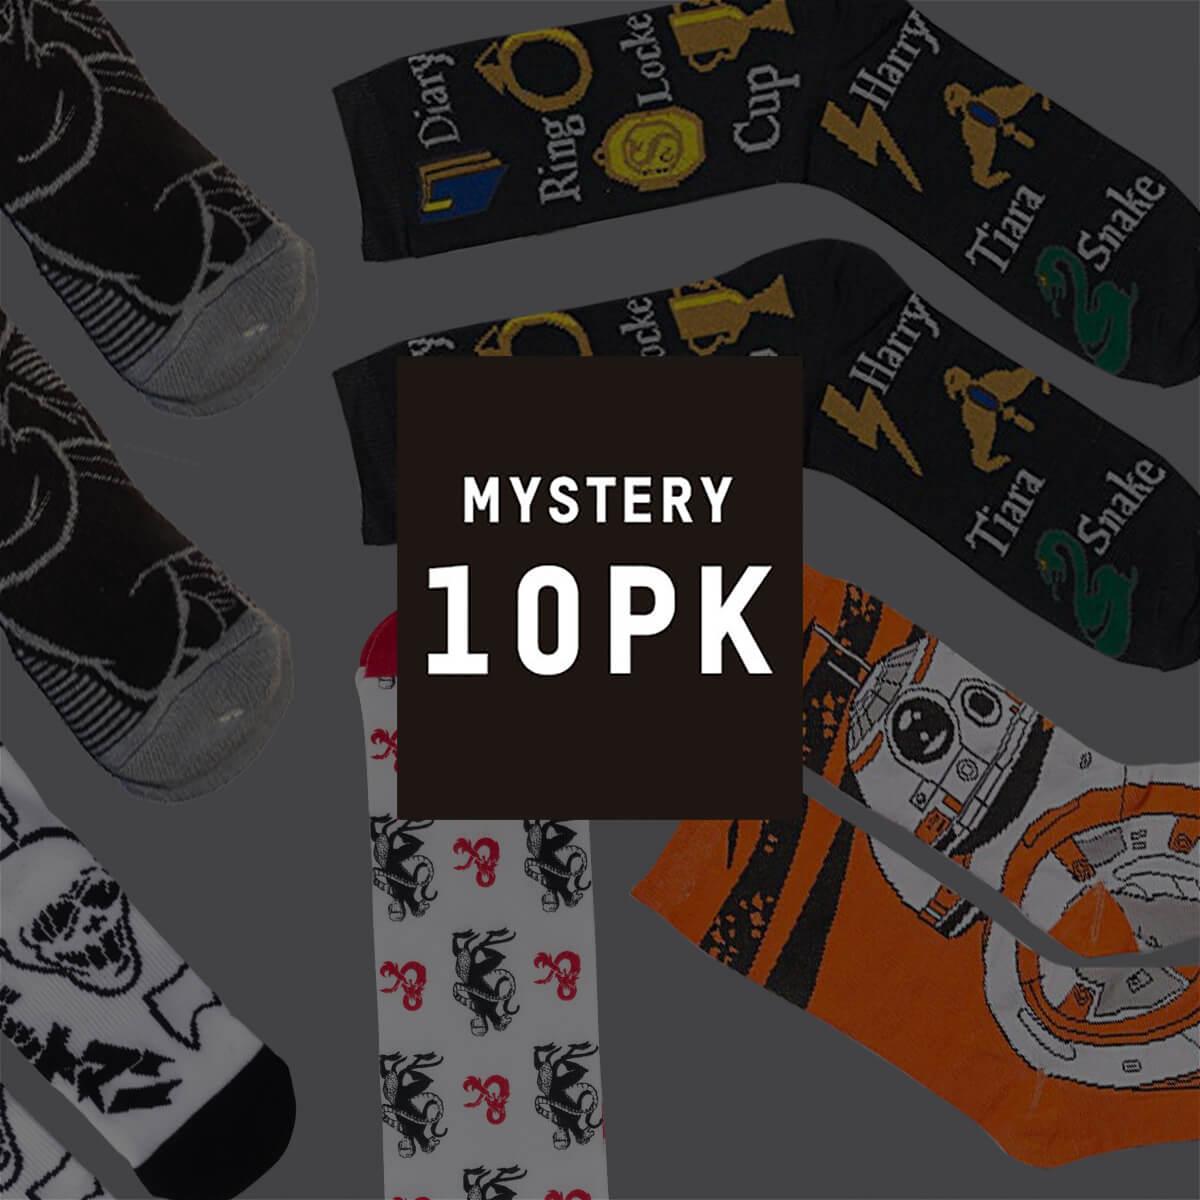 Pack 10 pares de calcetines frikis misteriosos